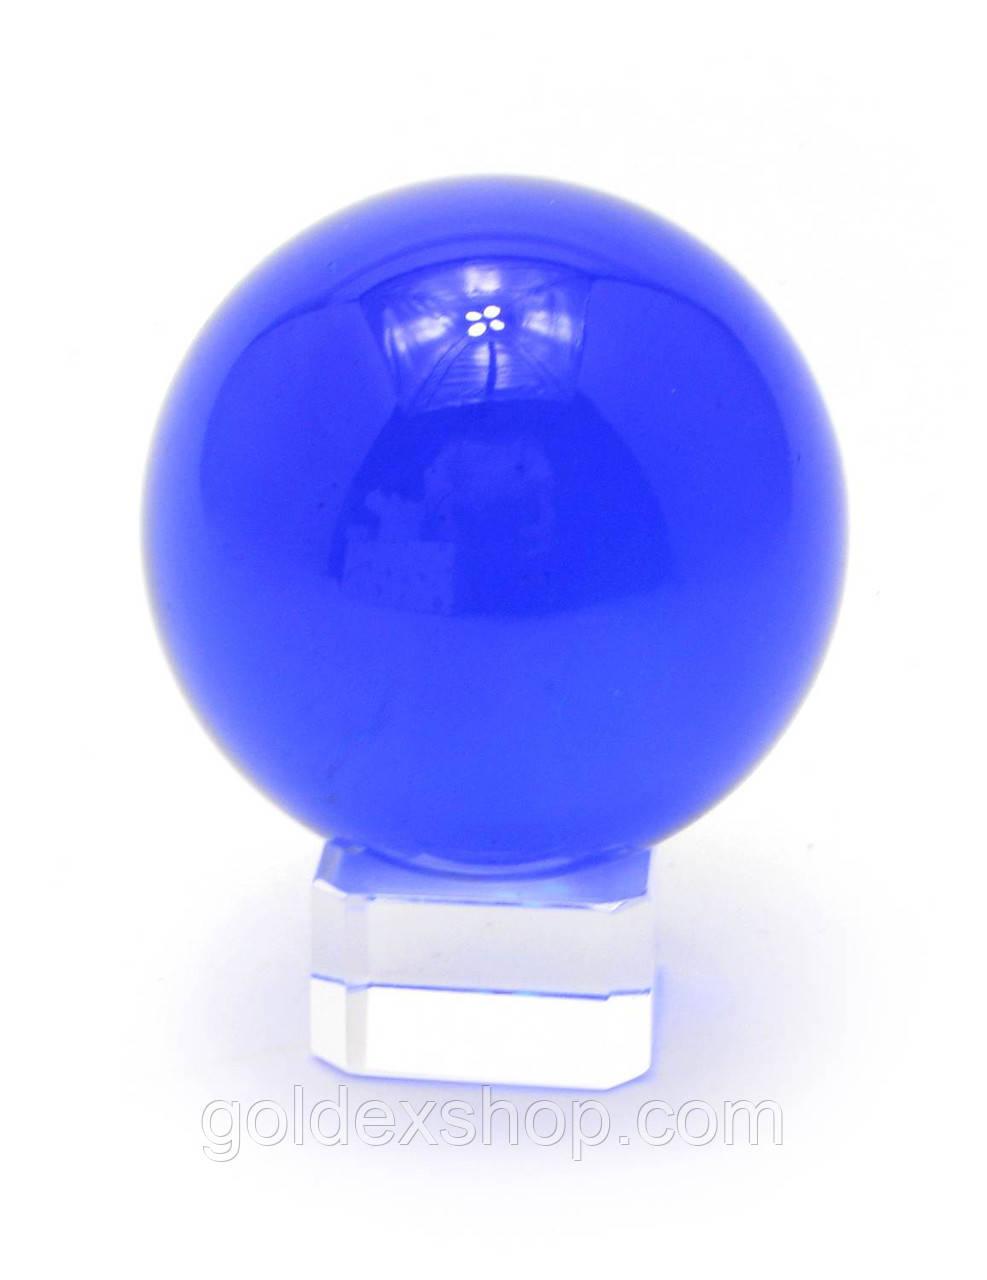 Шар хрустальный на подставке синий (5 см)